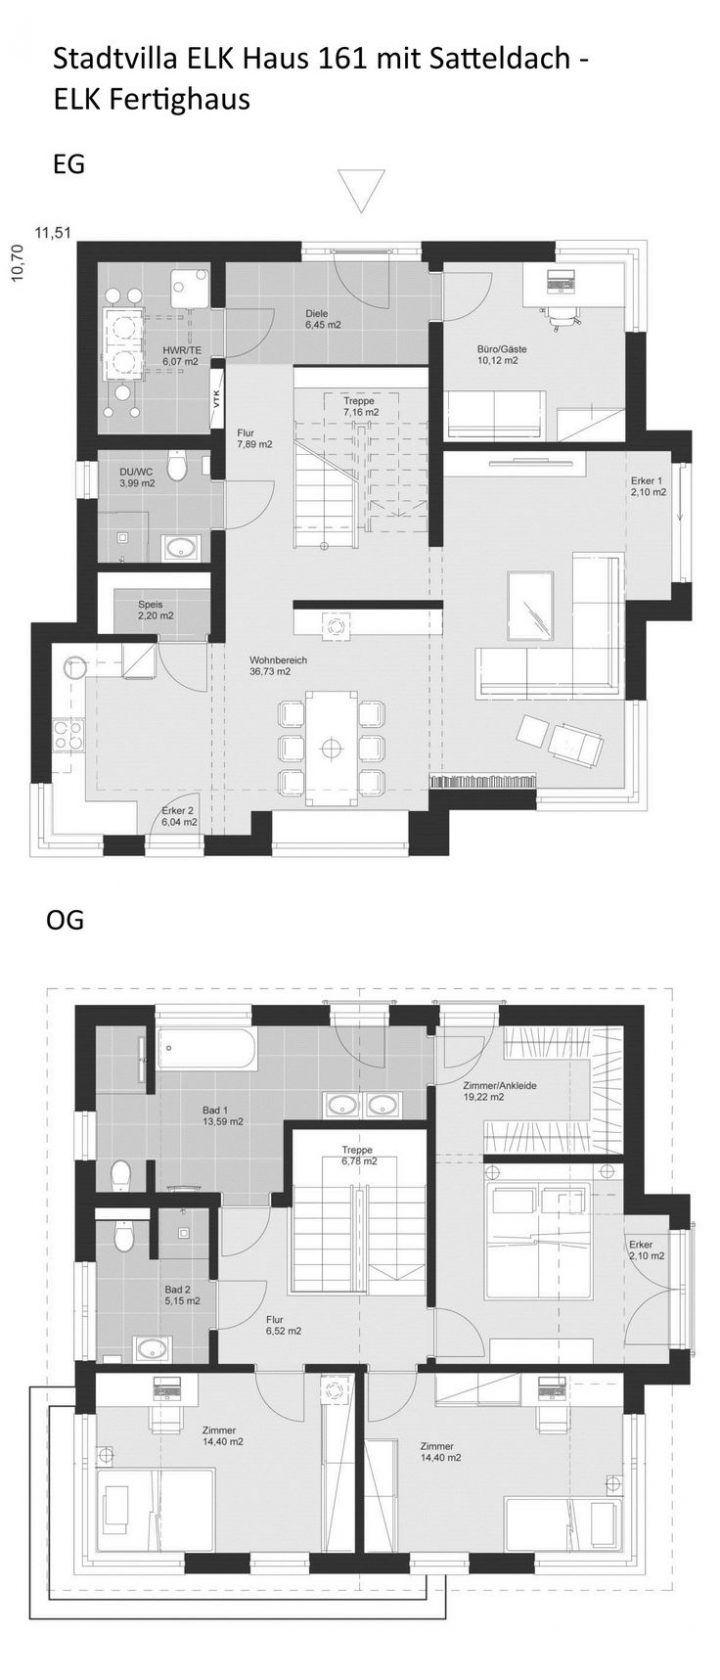 Grundriss Einfamilienhaus im Landhausstil mit Satteldach